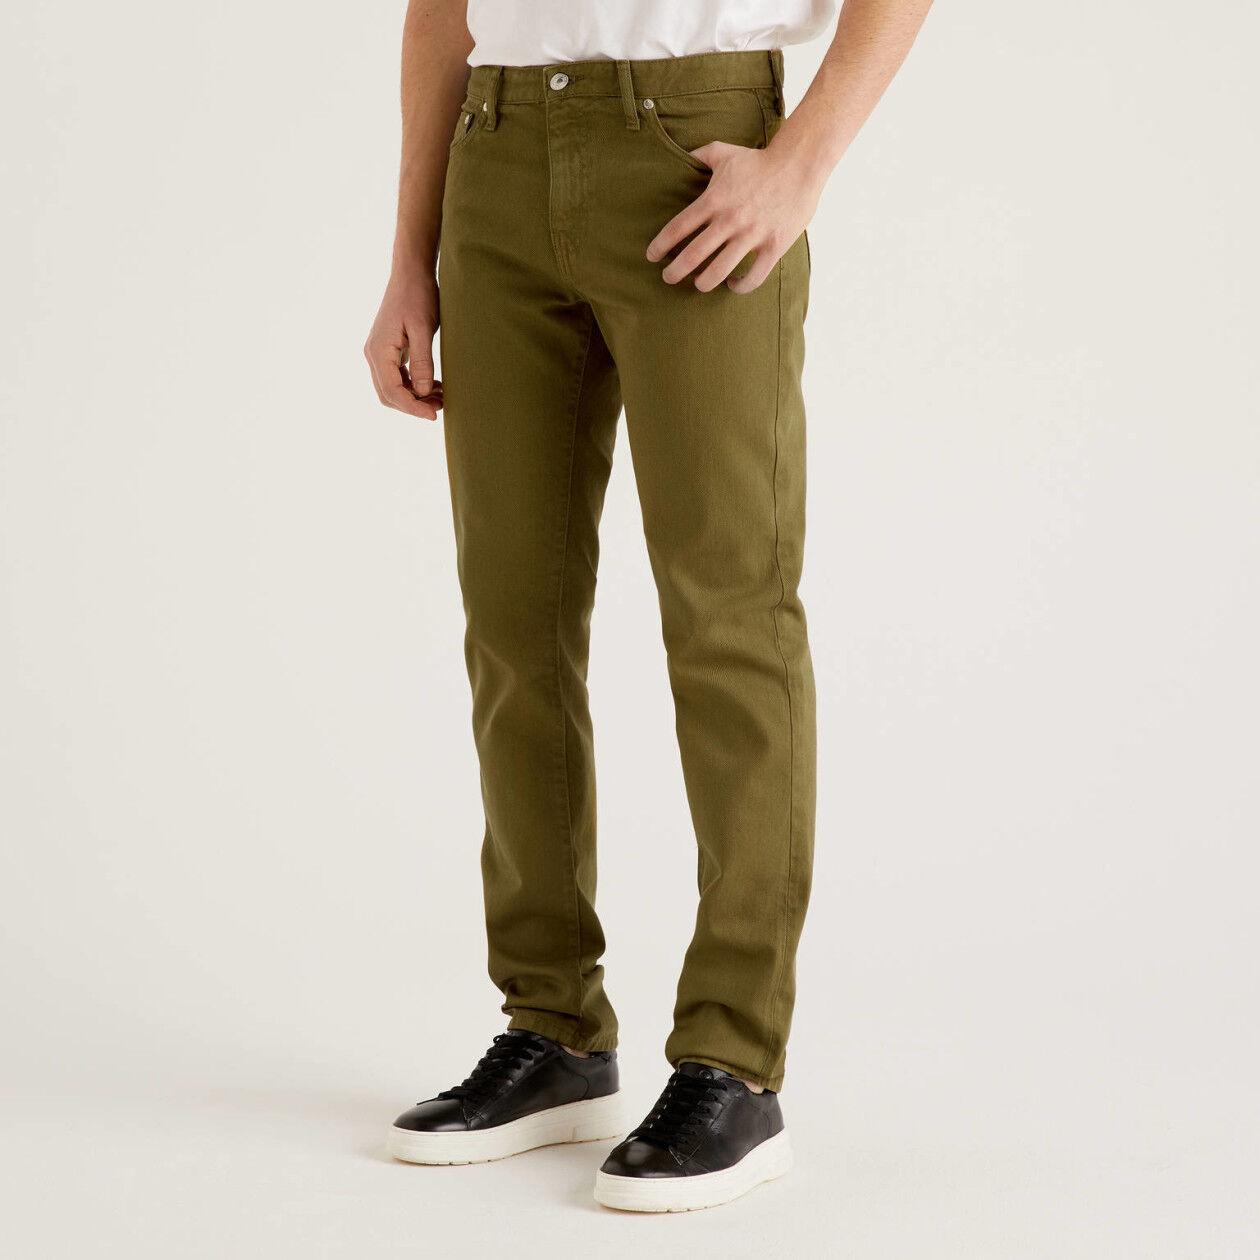 Pantaloni cinque tasche 100% cotone